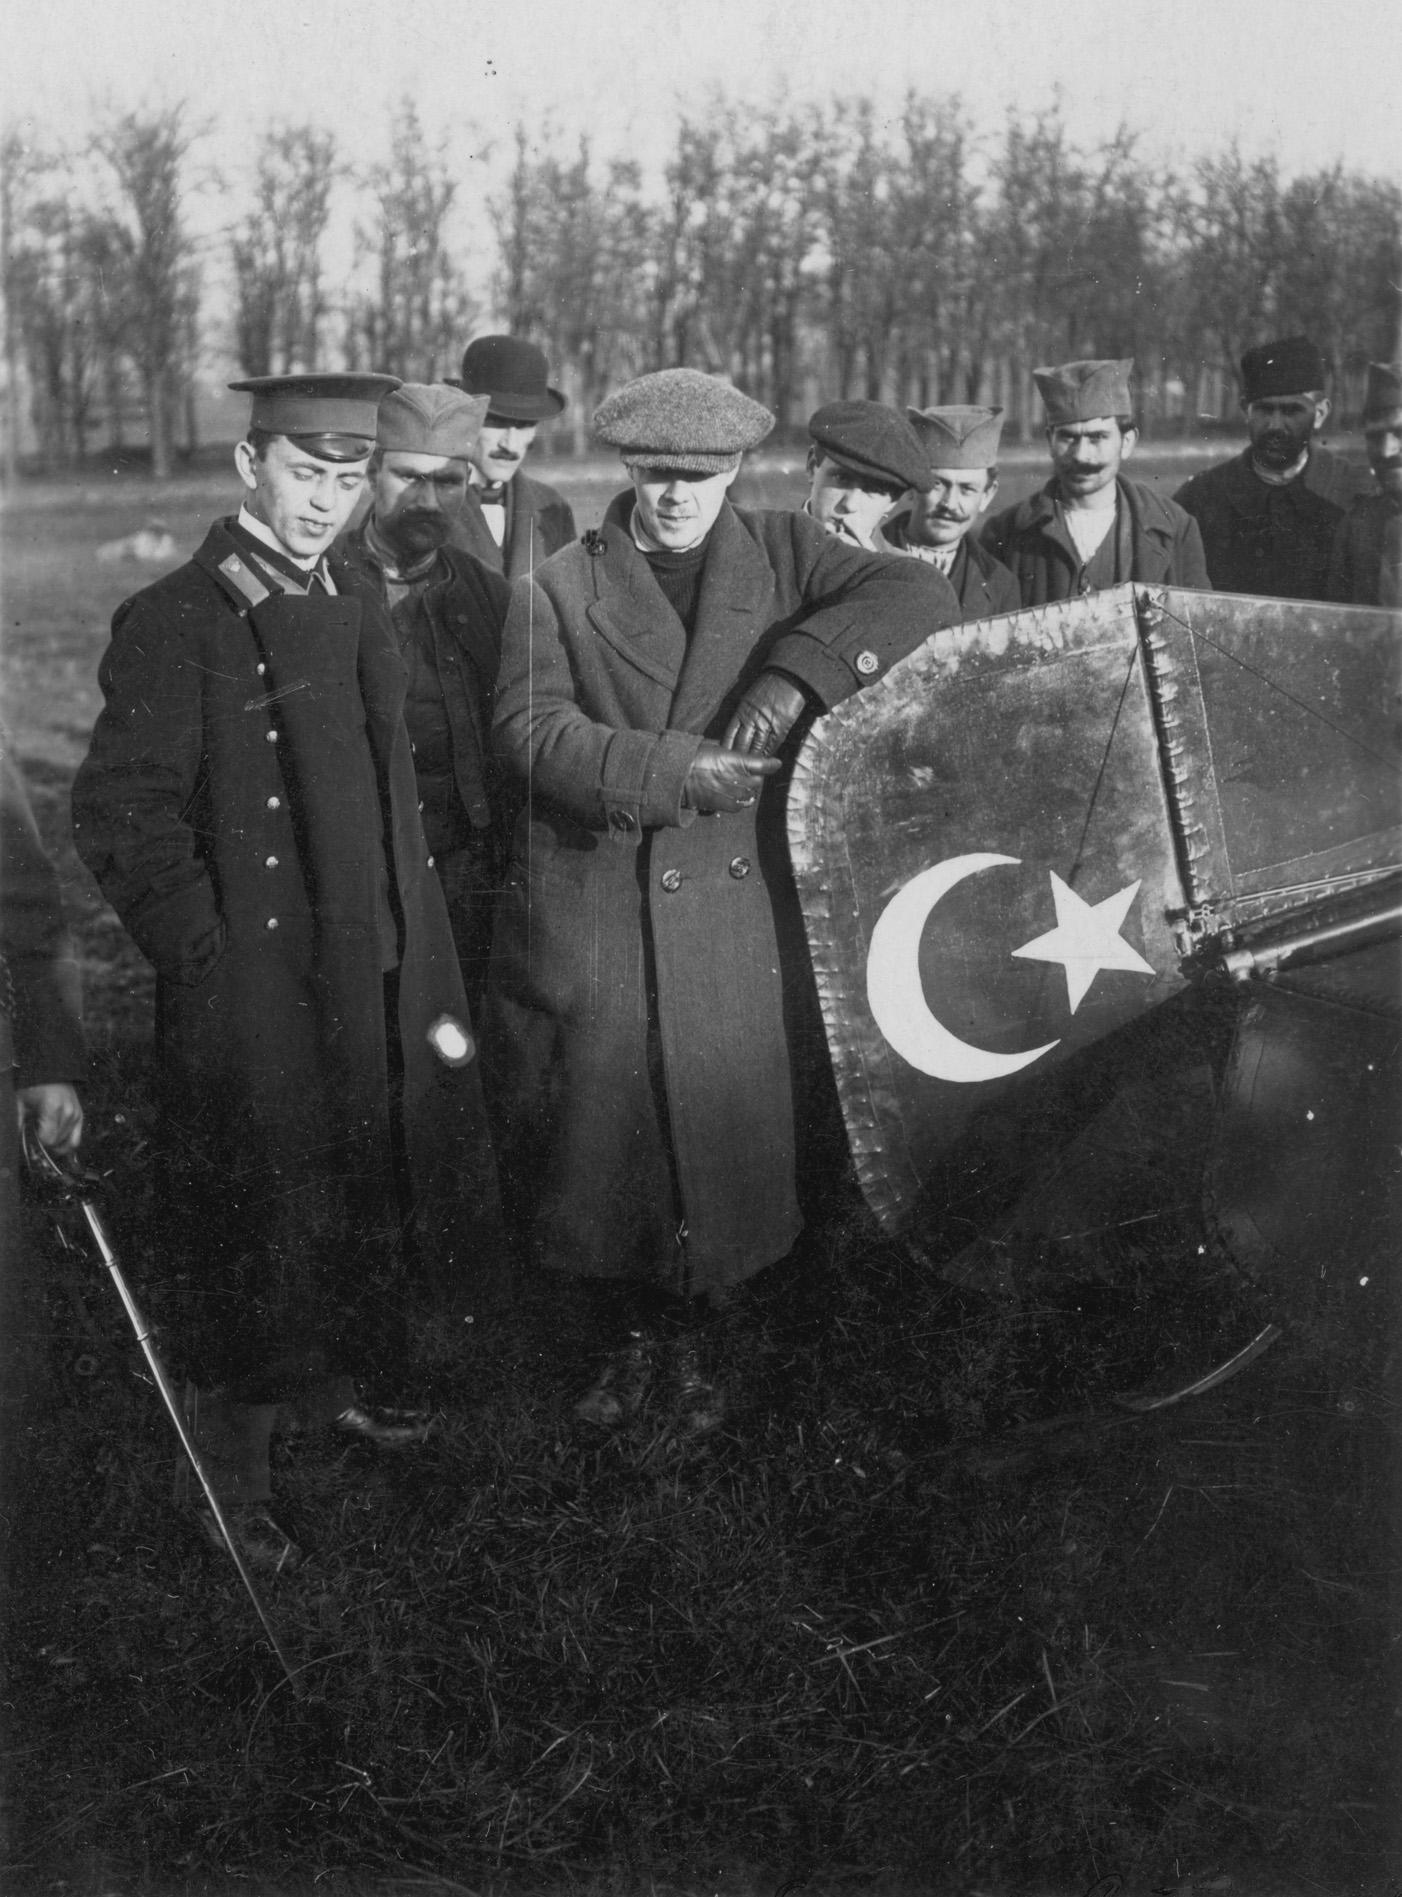 Русские: летчик Агафонов и механик Савельев перед монопланом REP в Banjici, Сербия, Первая балканская война, 1912-1913 г.г..jpg